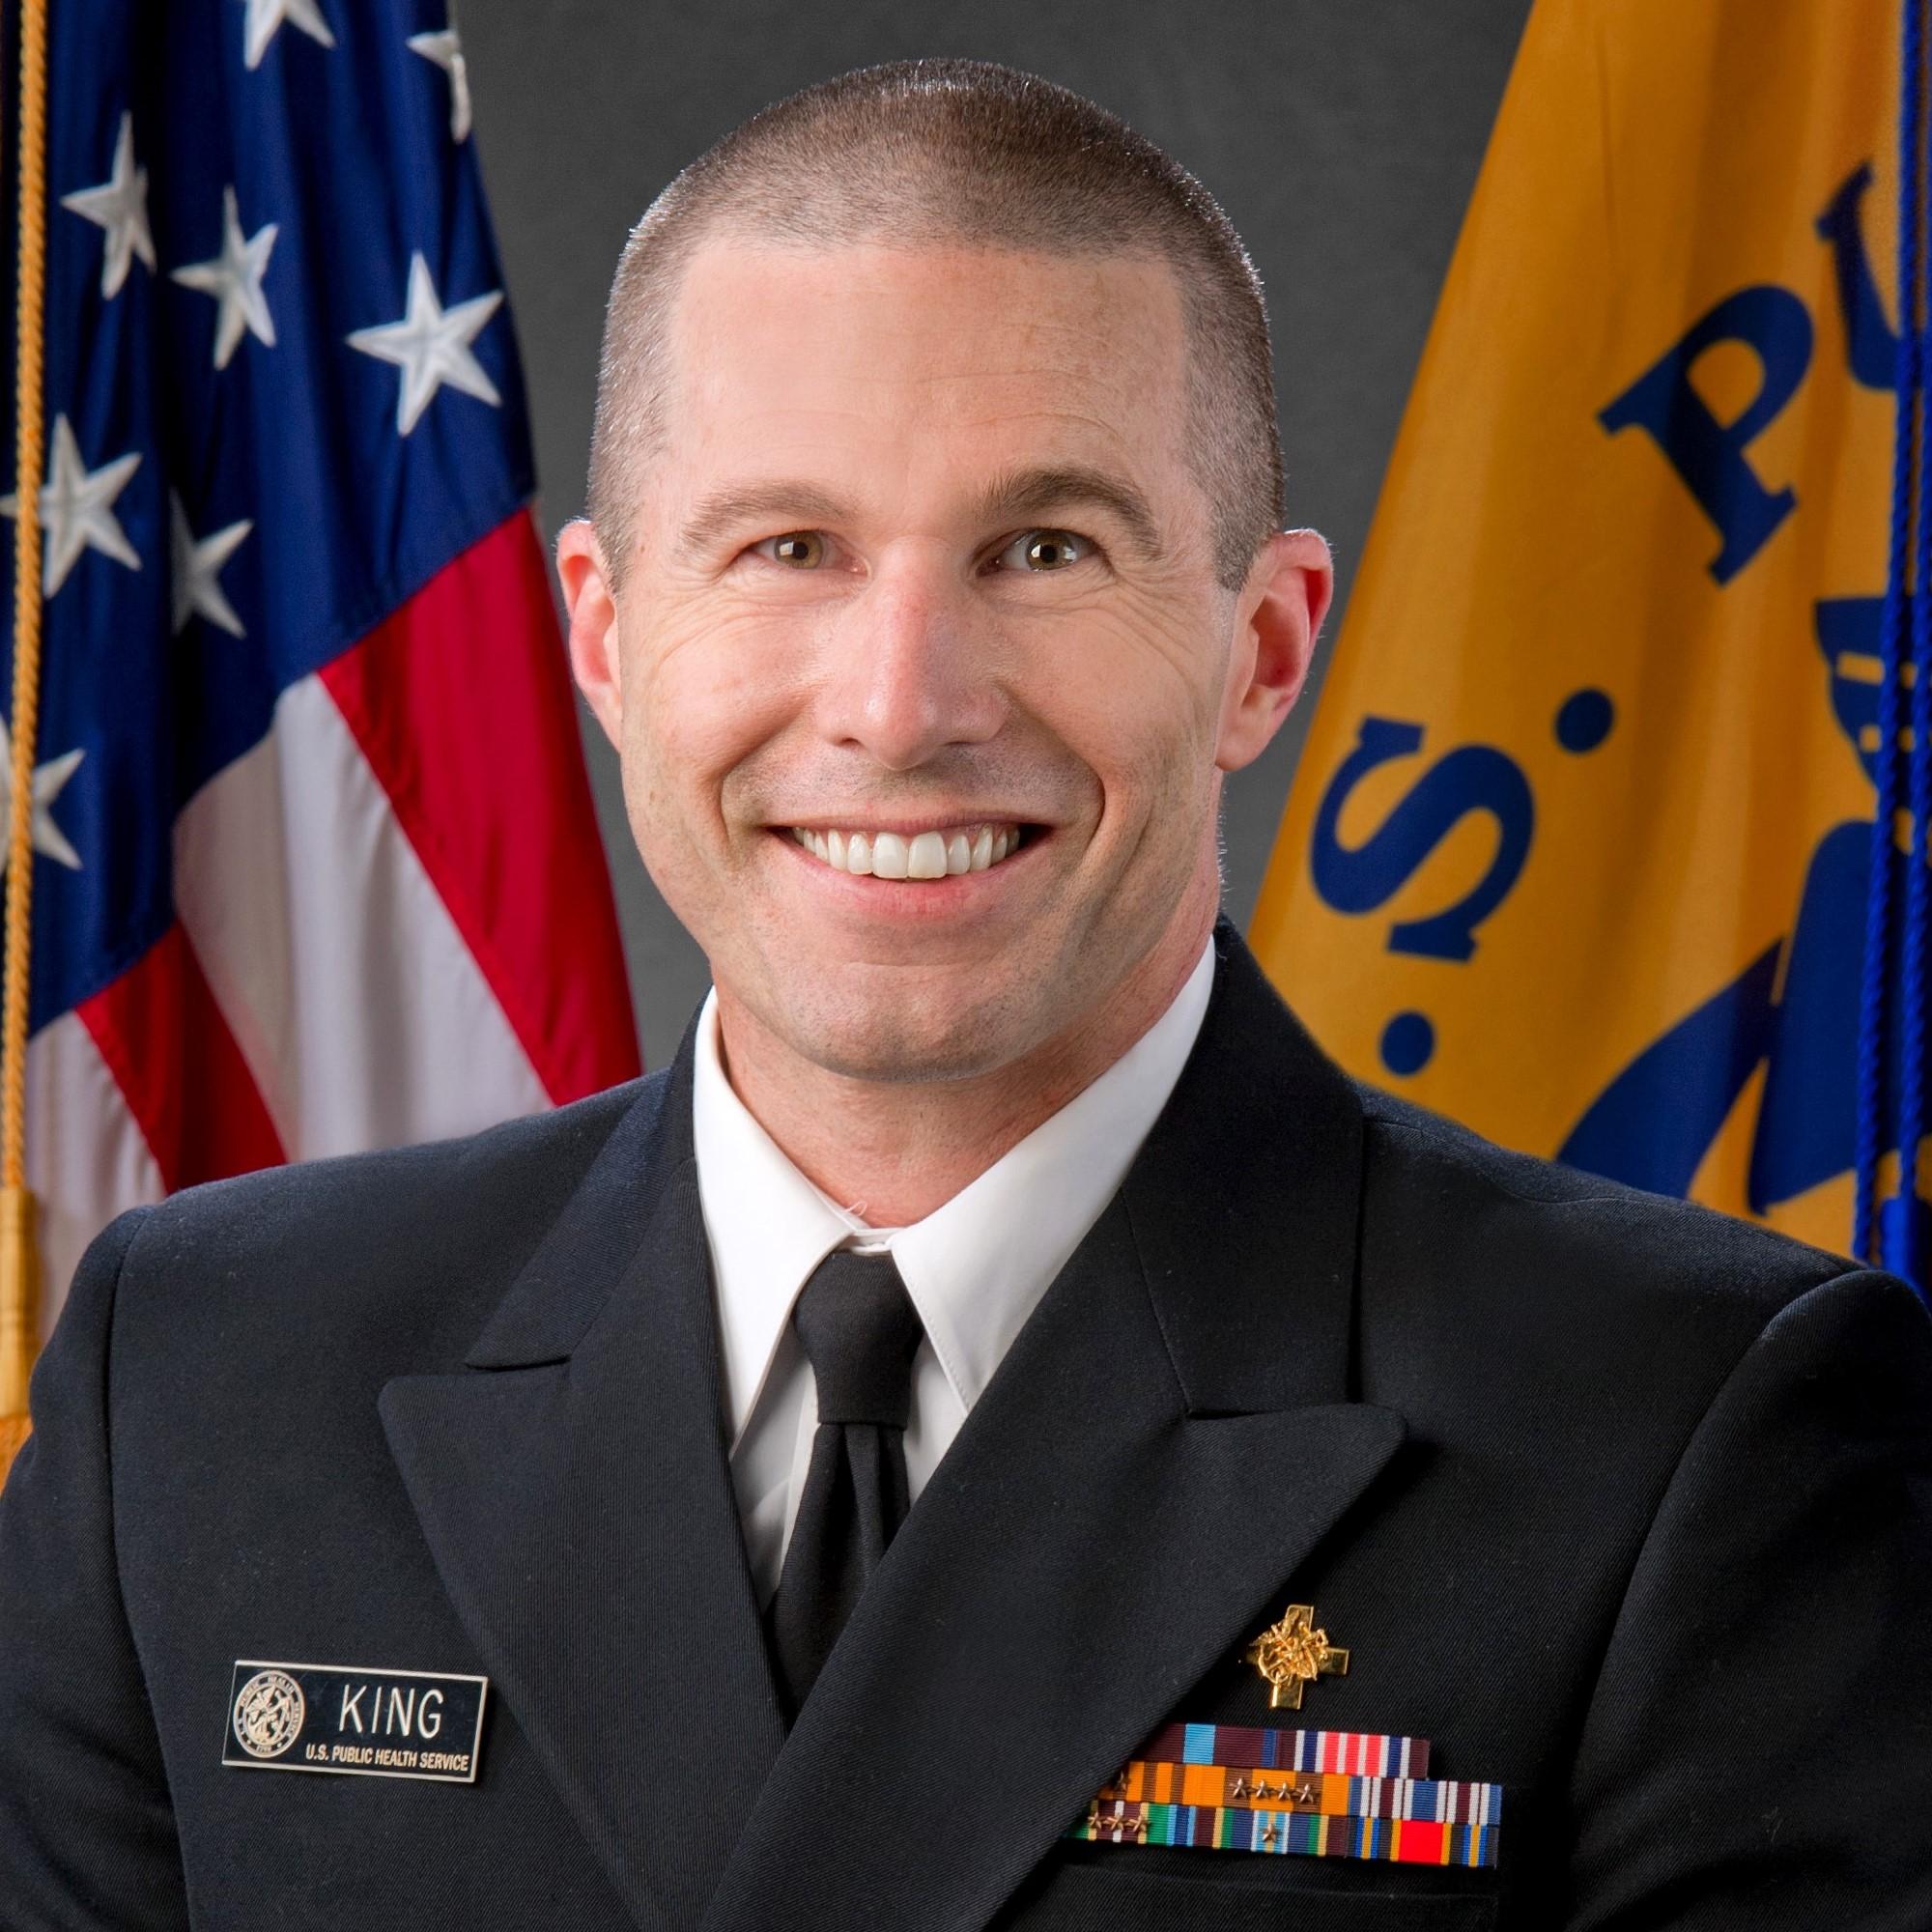 NCFADS Speaker Captain Michael King